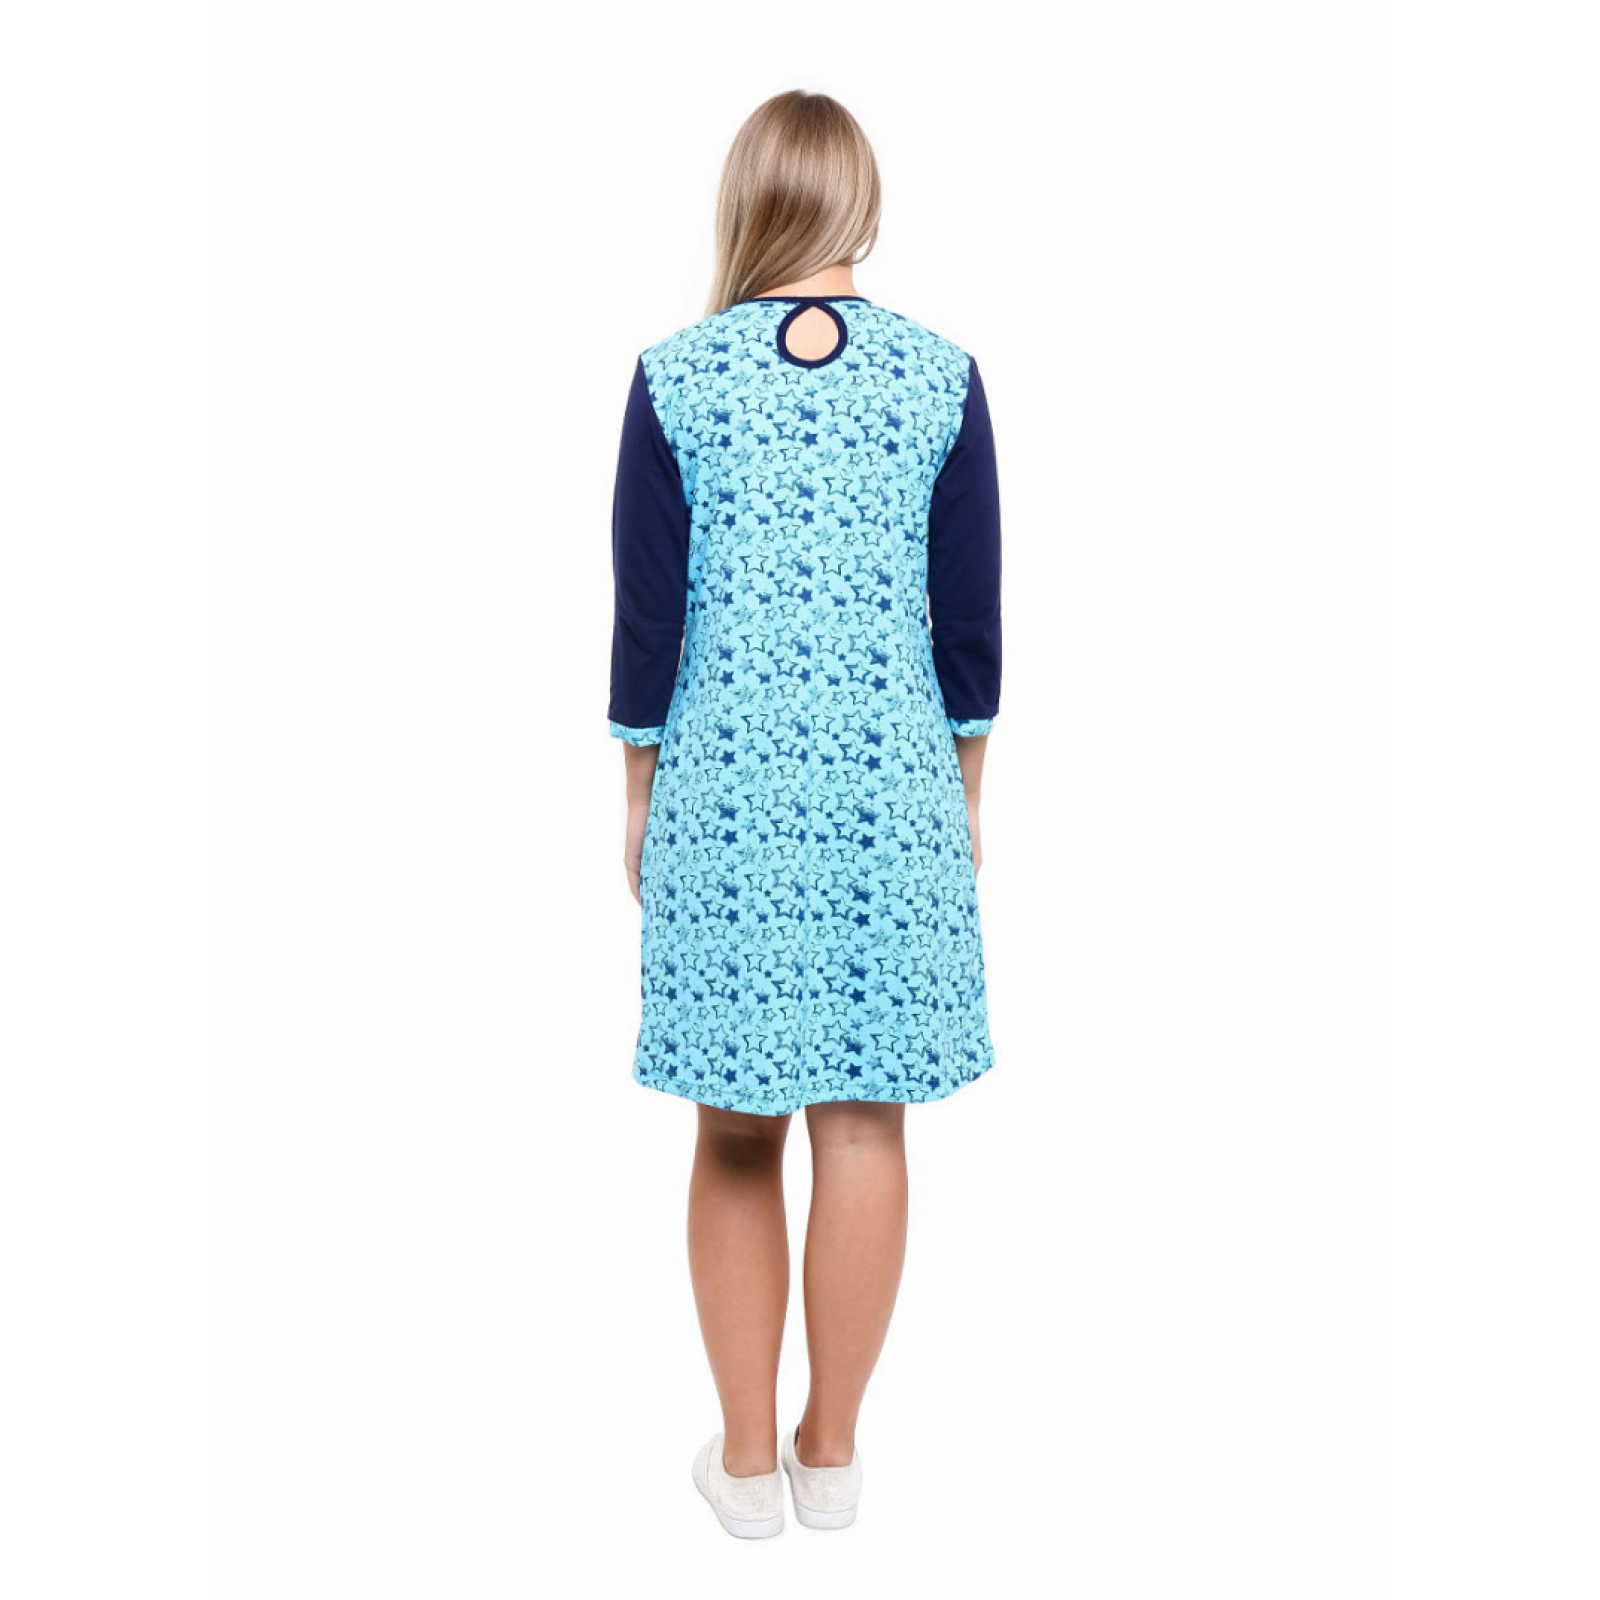 Платье голубое Звёзды М-0089Г